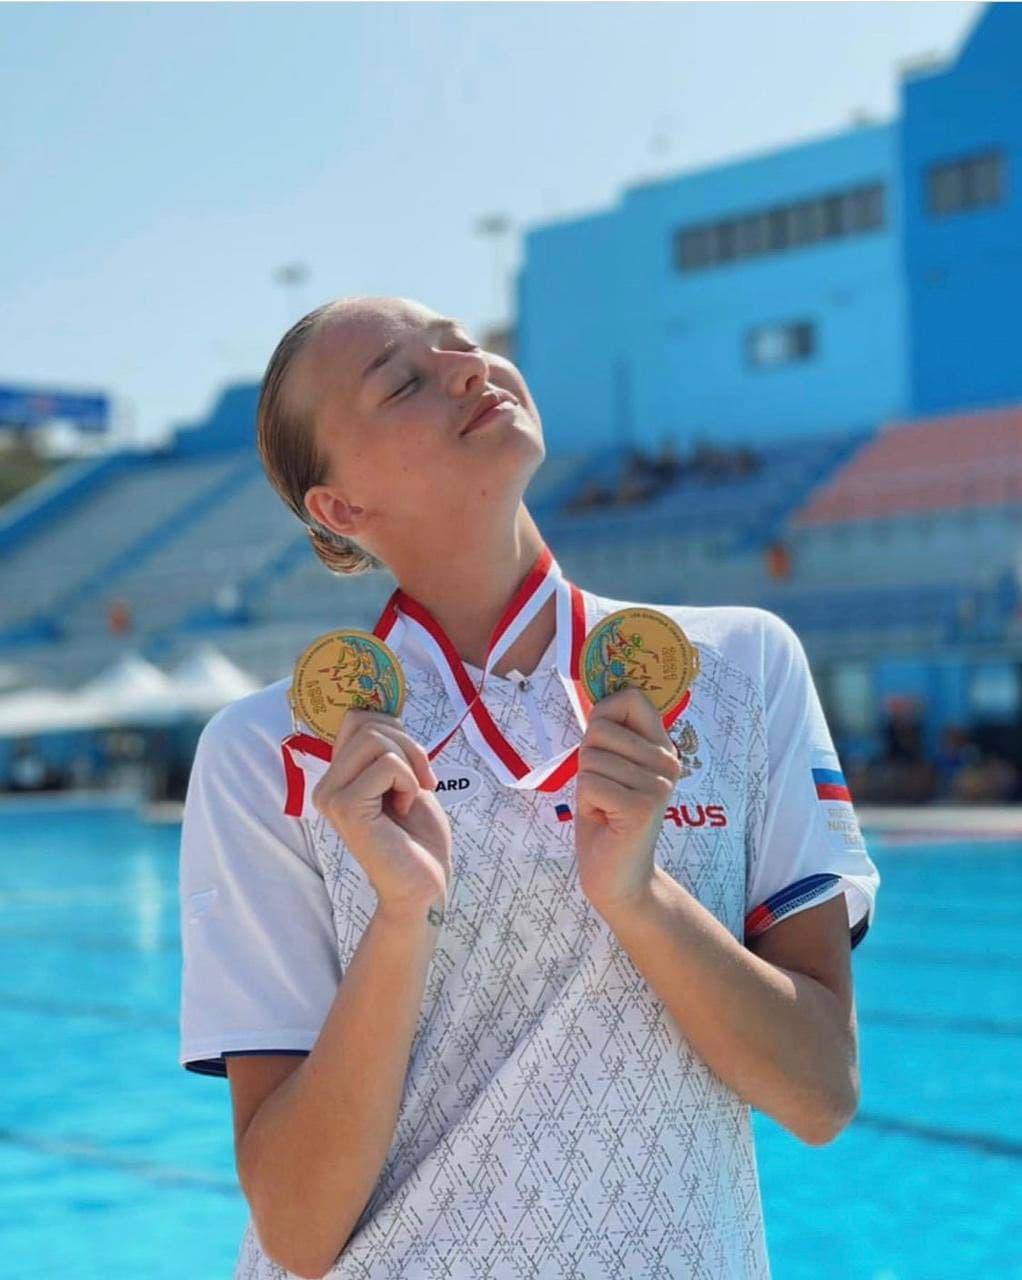 Подмосковная синхронистка в составе сборной России завоевала три золотые медали на первенстве Европы